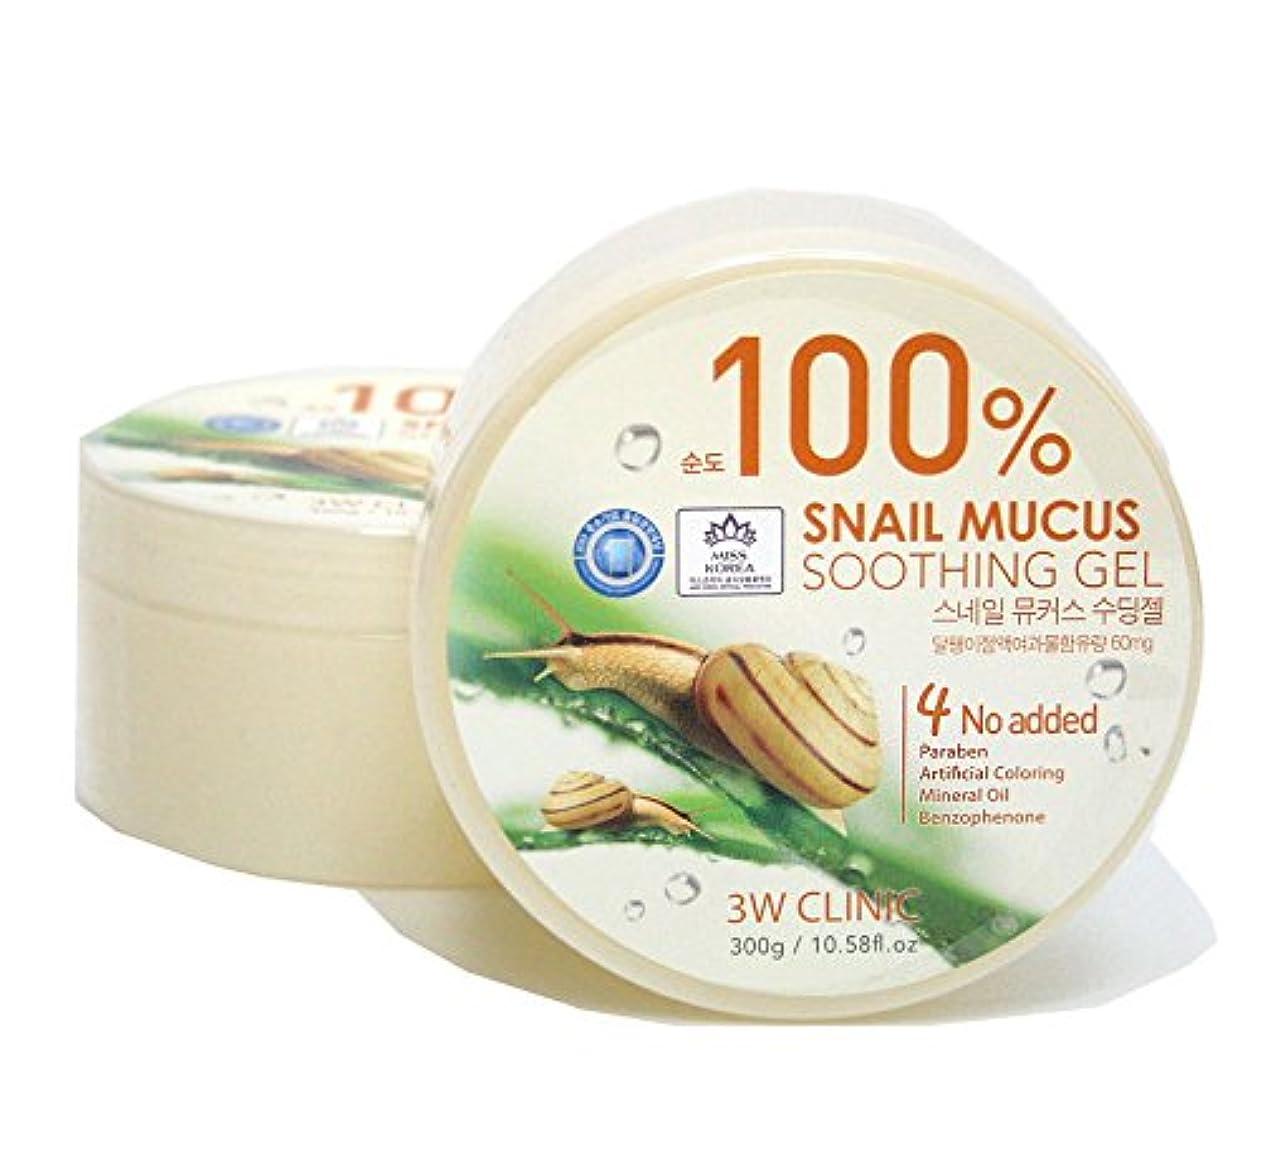 前書き知人スマート[3W CLINIC] カタツムリ粘液スージングジェル300g / Snail Mucus Soothing Gel 300g / 水分/オールスキンタイプ / Moisture / fresh and smooth / All Skin Types / 韓国化粧品 / Korean Cosmetics [並行輸入品]